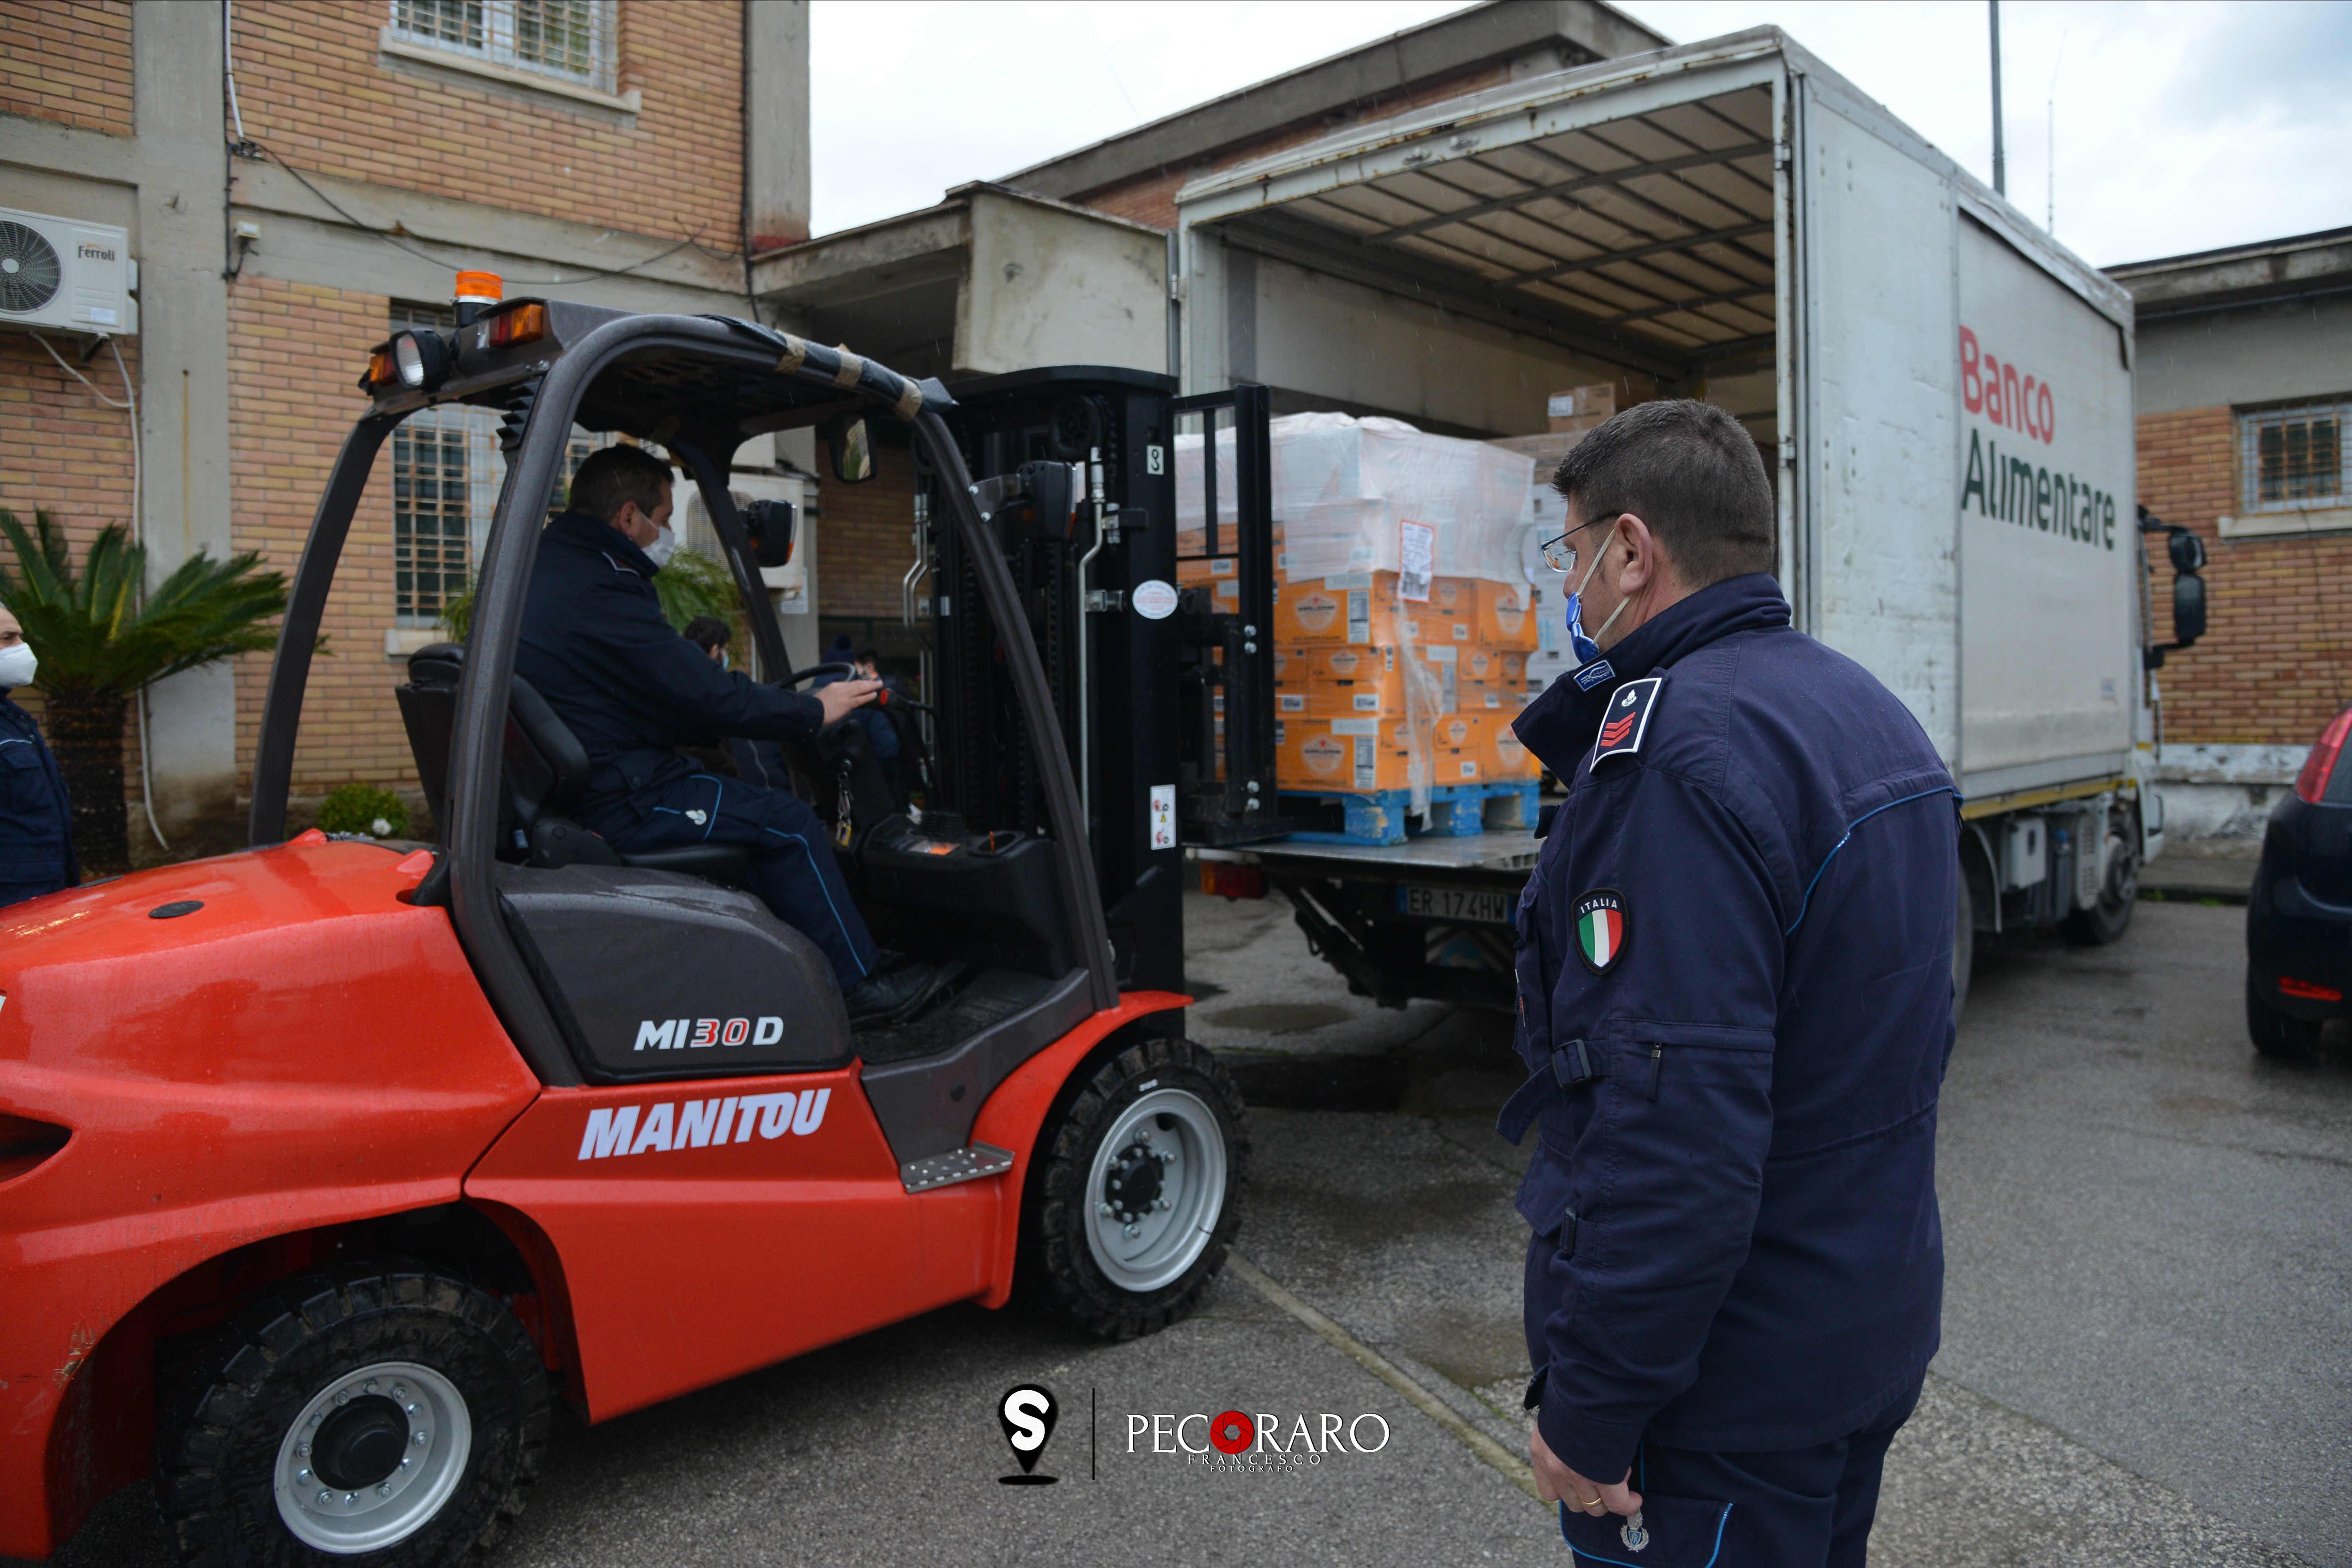 Consegna pacchi alimentari detenuti poveri Carcere Fuorni Salerno foto Francesco Pecoraro/Tanopress